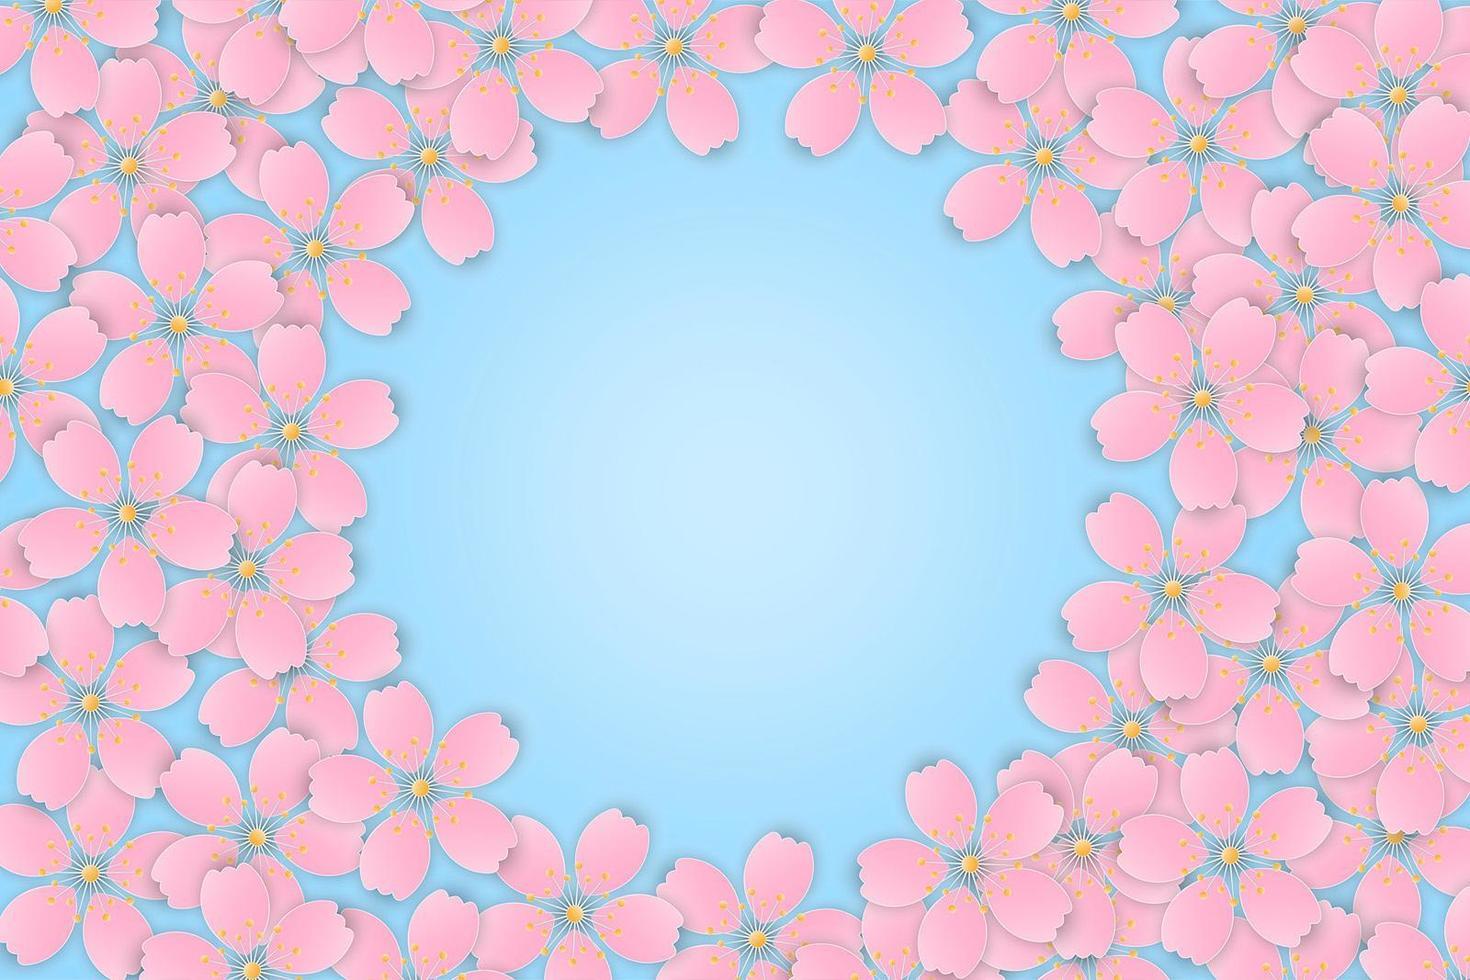 moldura de flor de cerejeira rosa sakura vetor